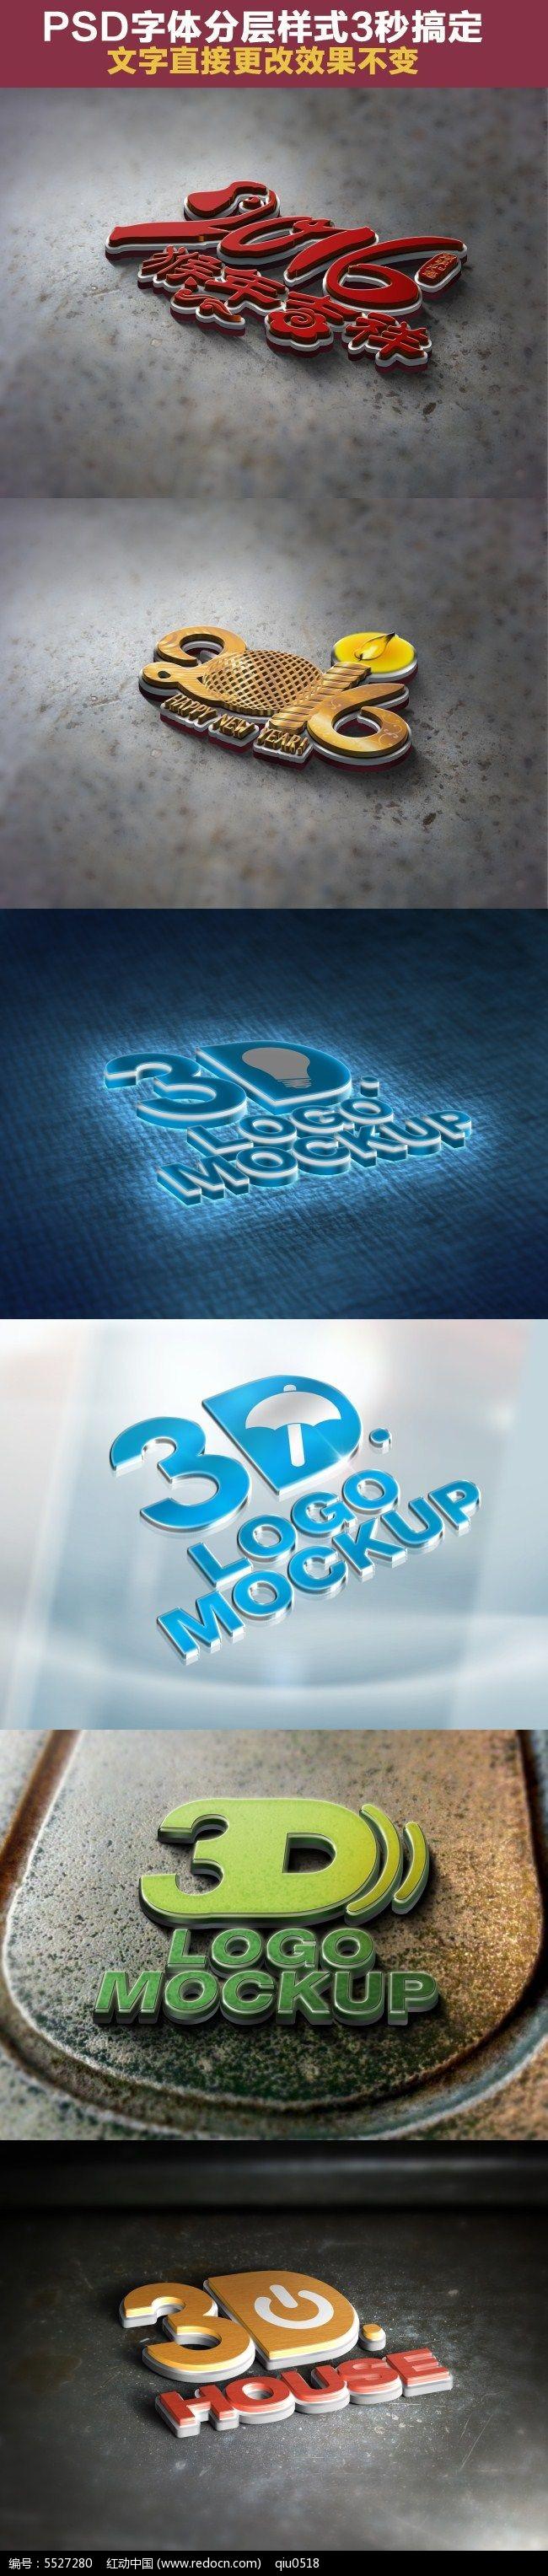 智能真实3D立体企业LOGO展示模板图片